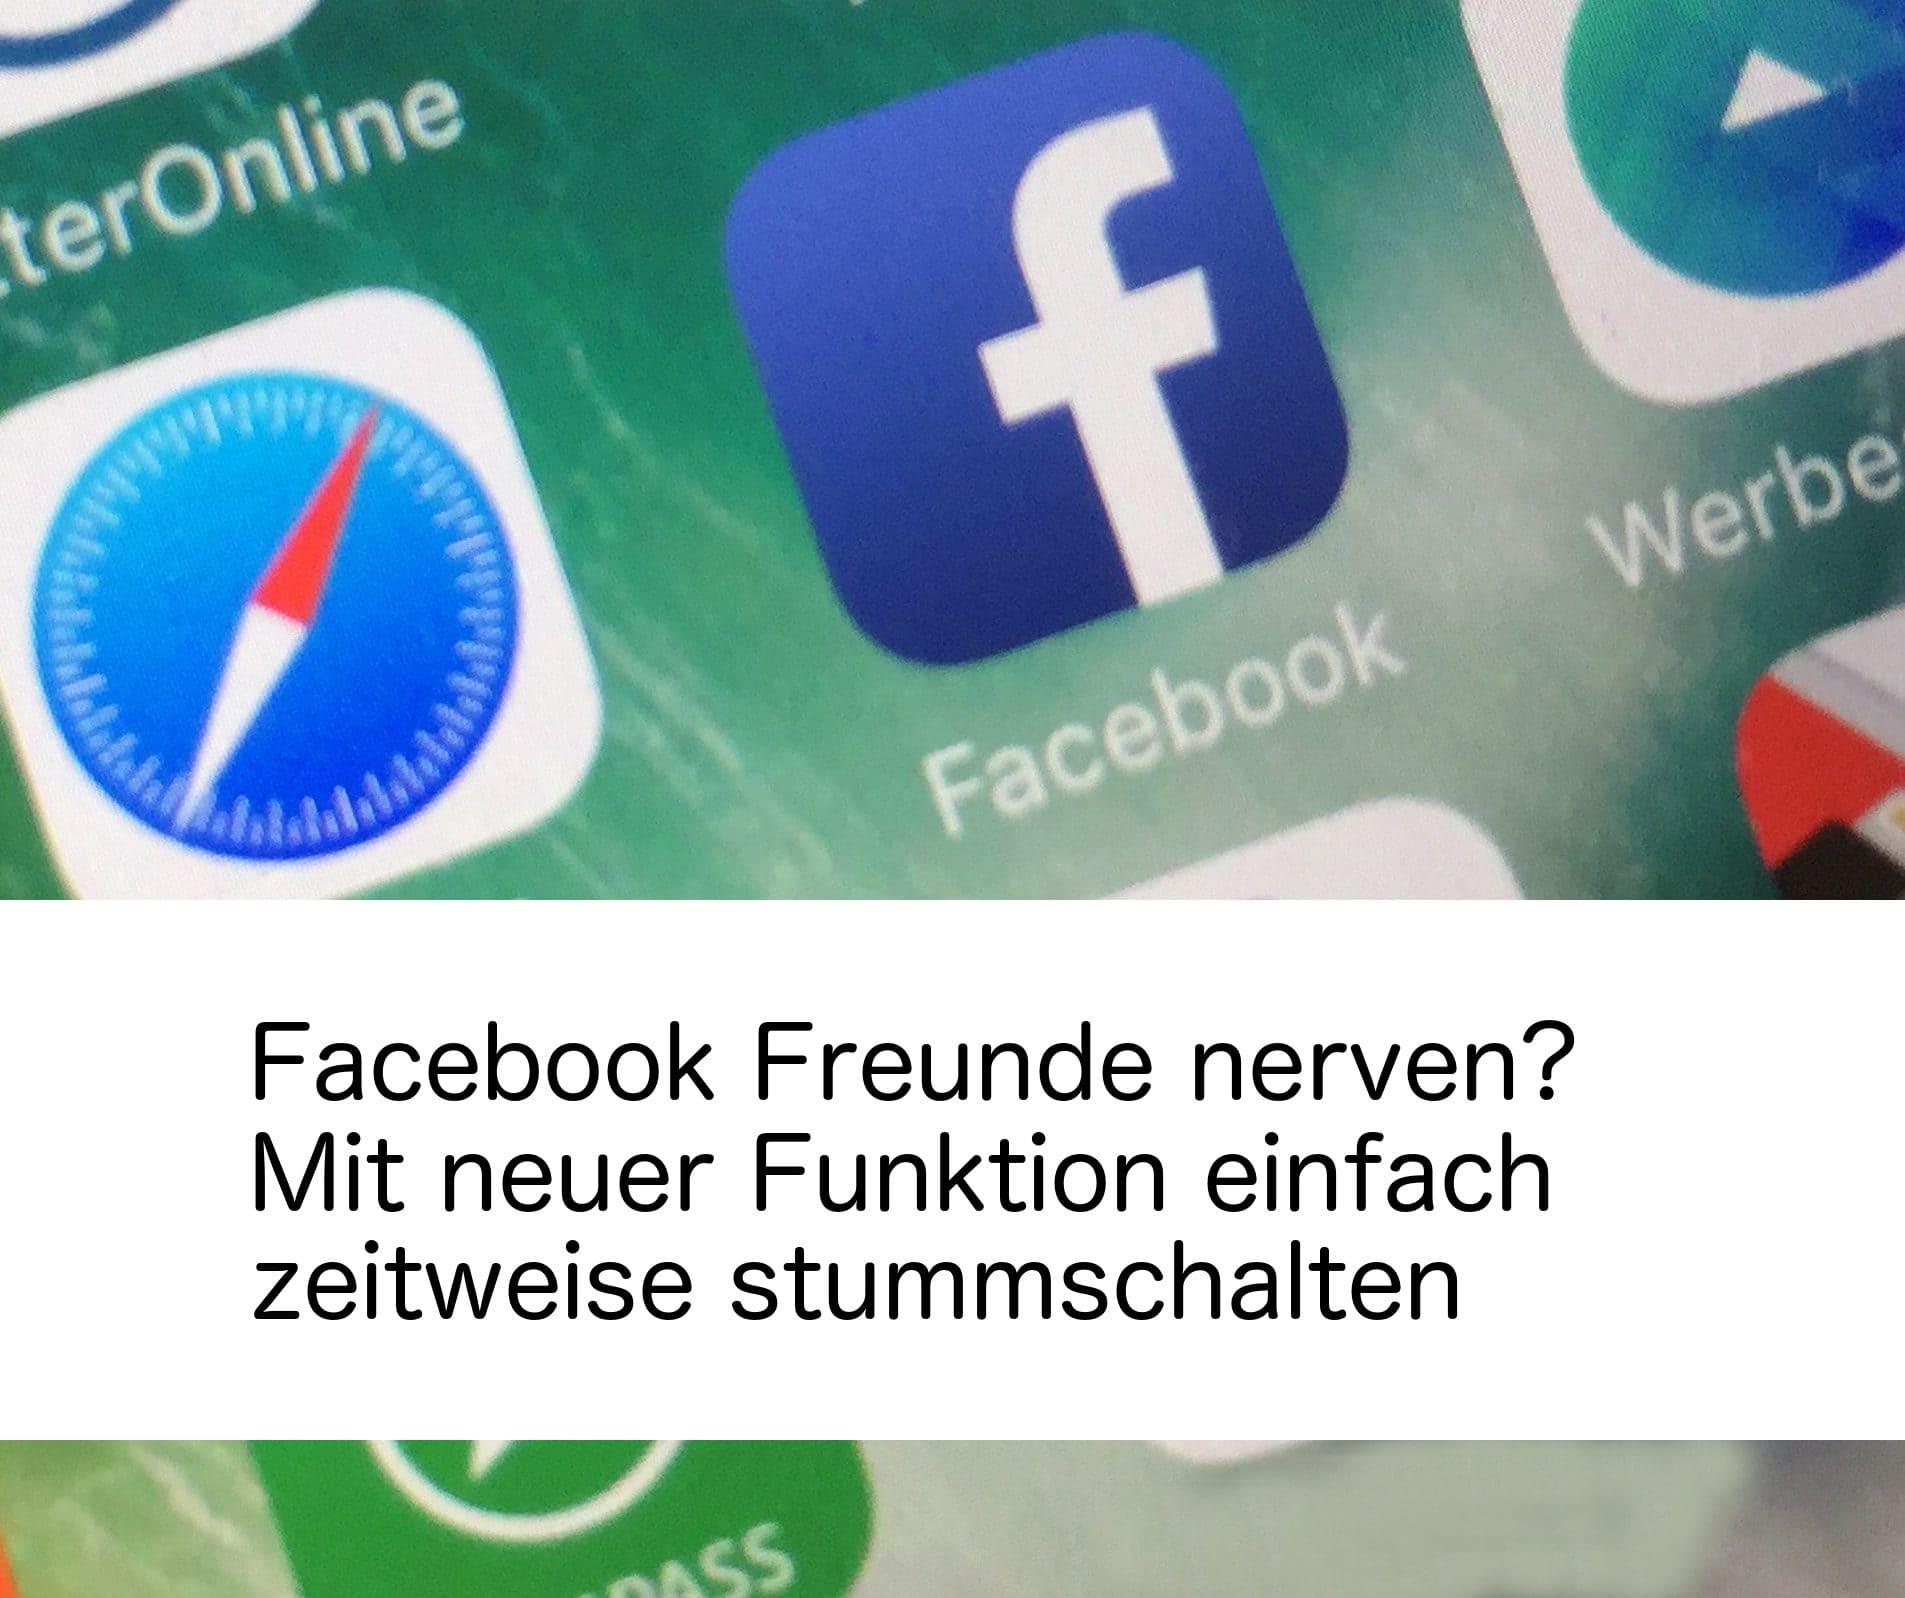 Facebook Freunde nerven